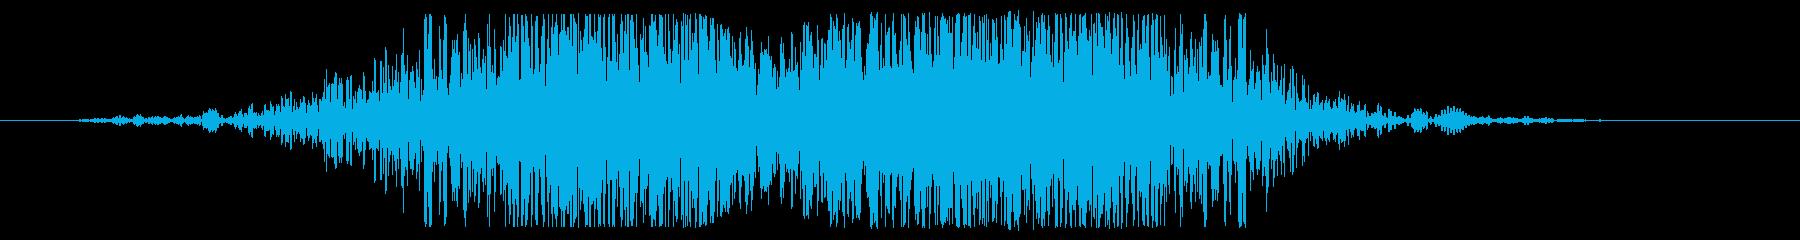 ヘビーメタルスキャンスイープの再生済みの波形